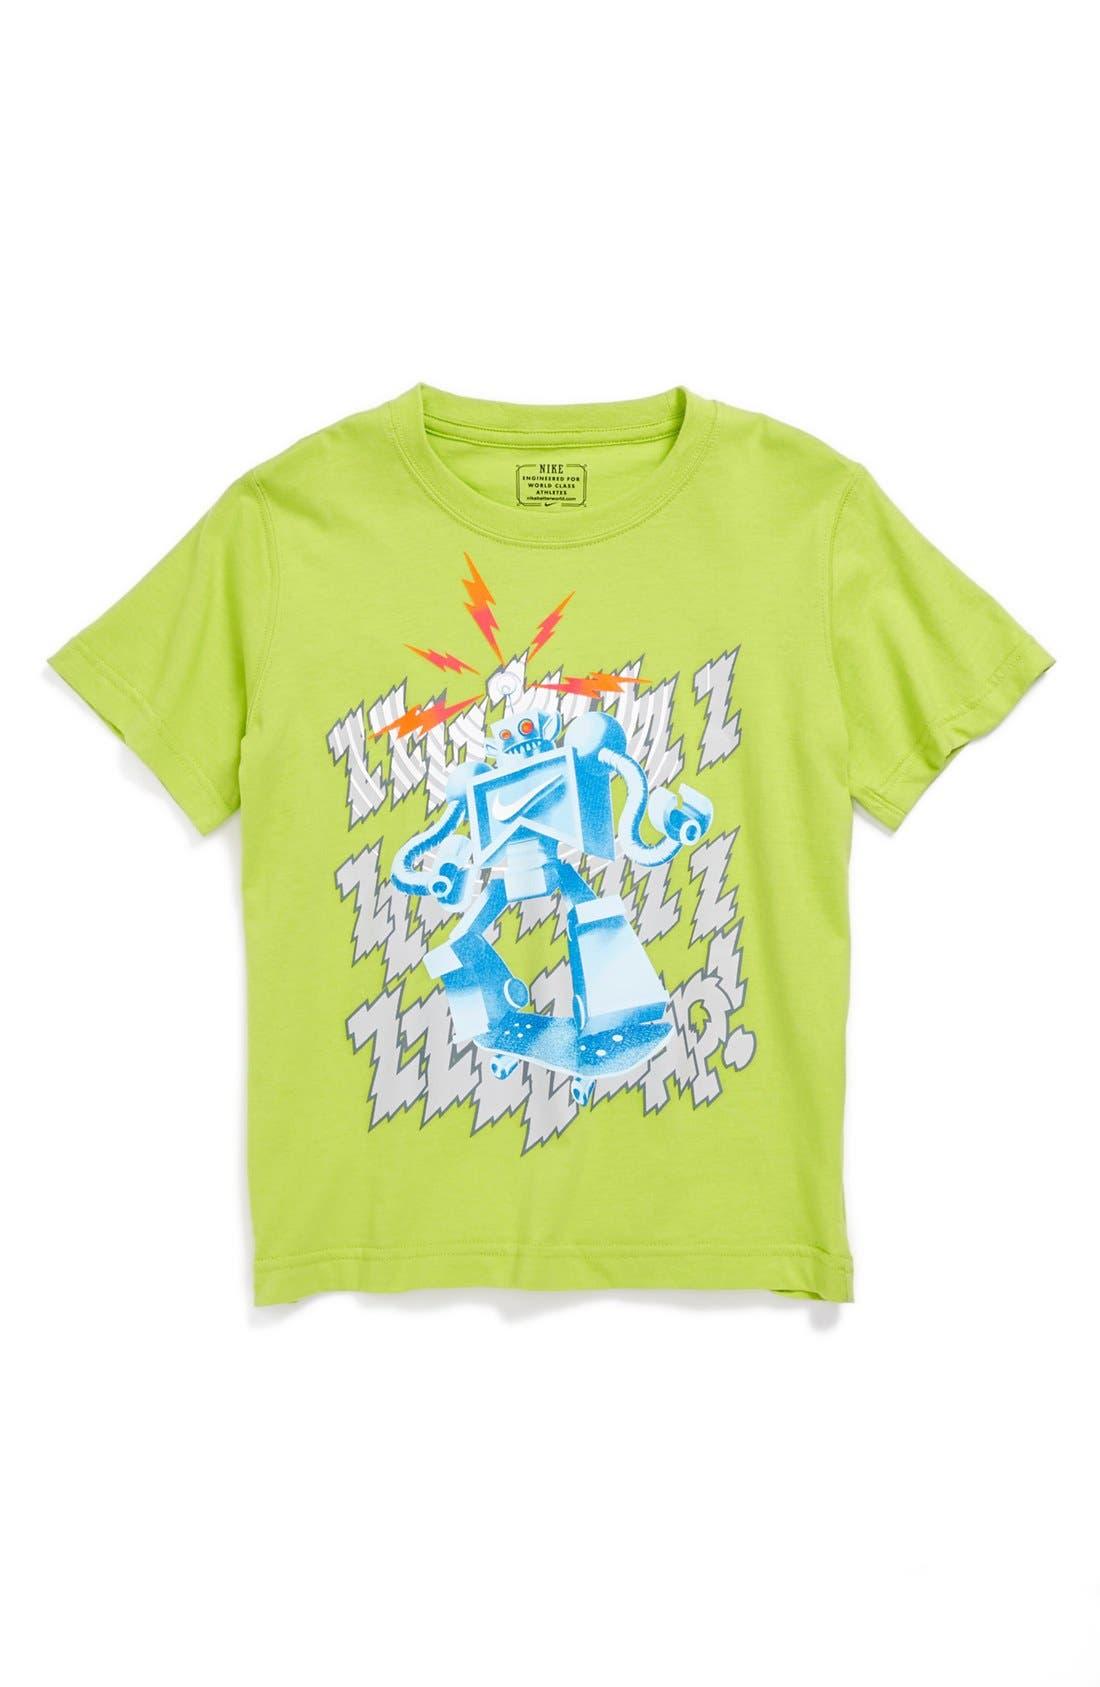 Alternate Image 1 Selected - Nike 'Circuit Breaker' T-Shirt (Little Boys)